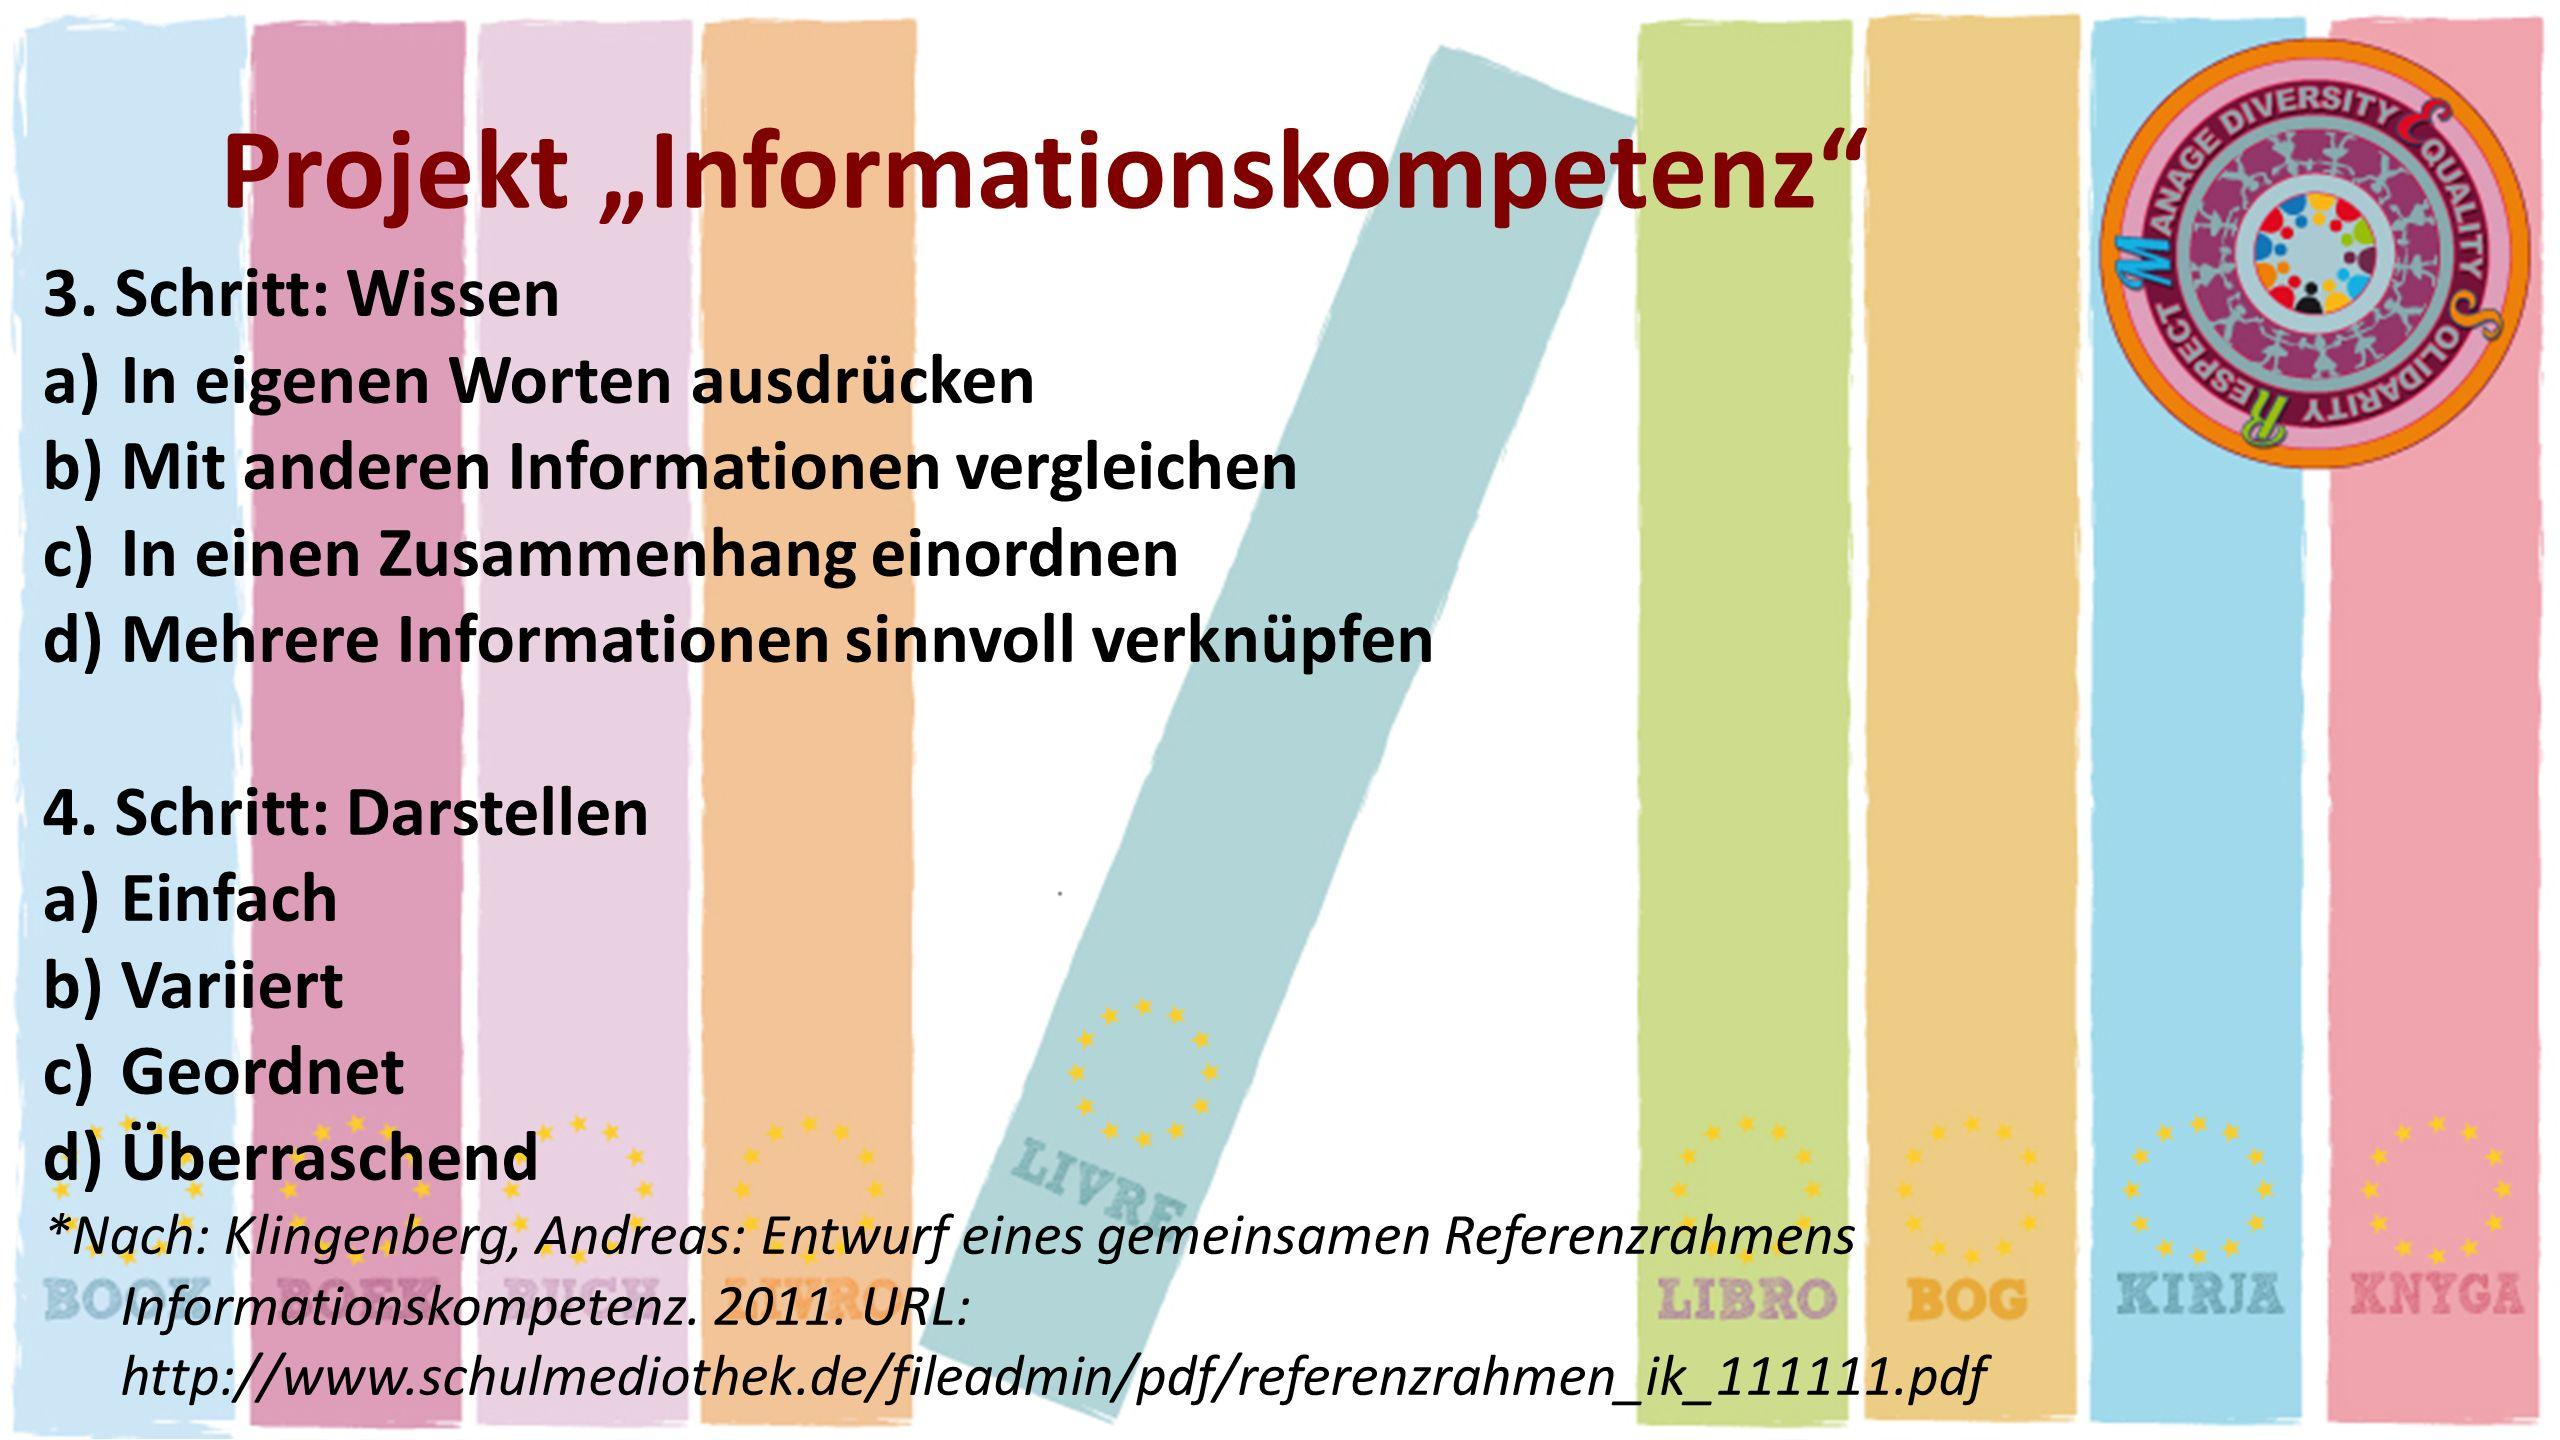 Projekt Informationskompetenz 3. Schritt: Wissen a)In eigenen Worten ausdrücken b)Mit anderen Informationen vergleichen c)In einen Zusammenhang einord